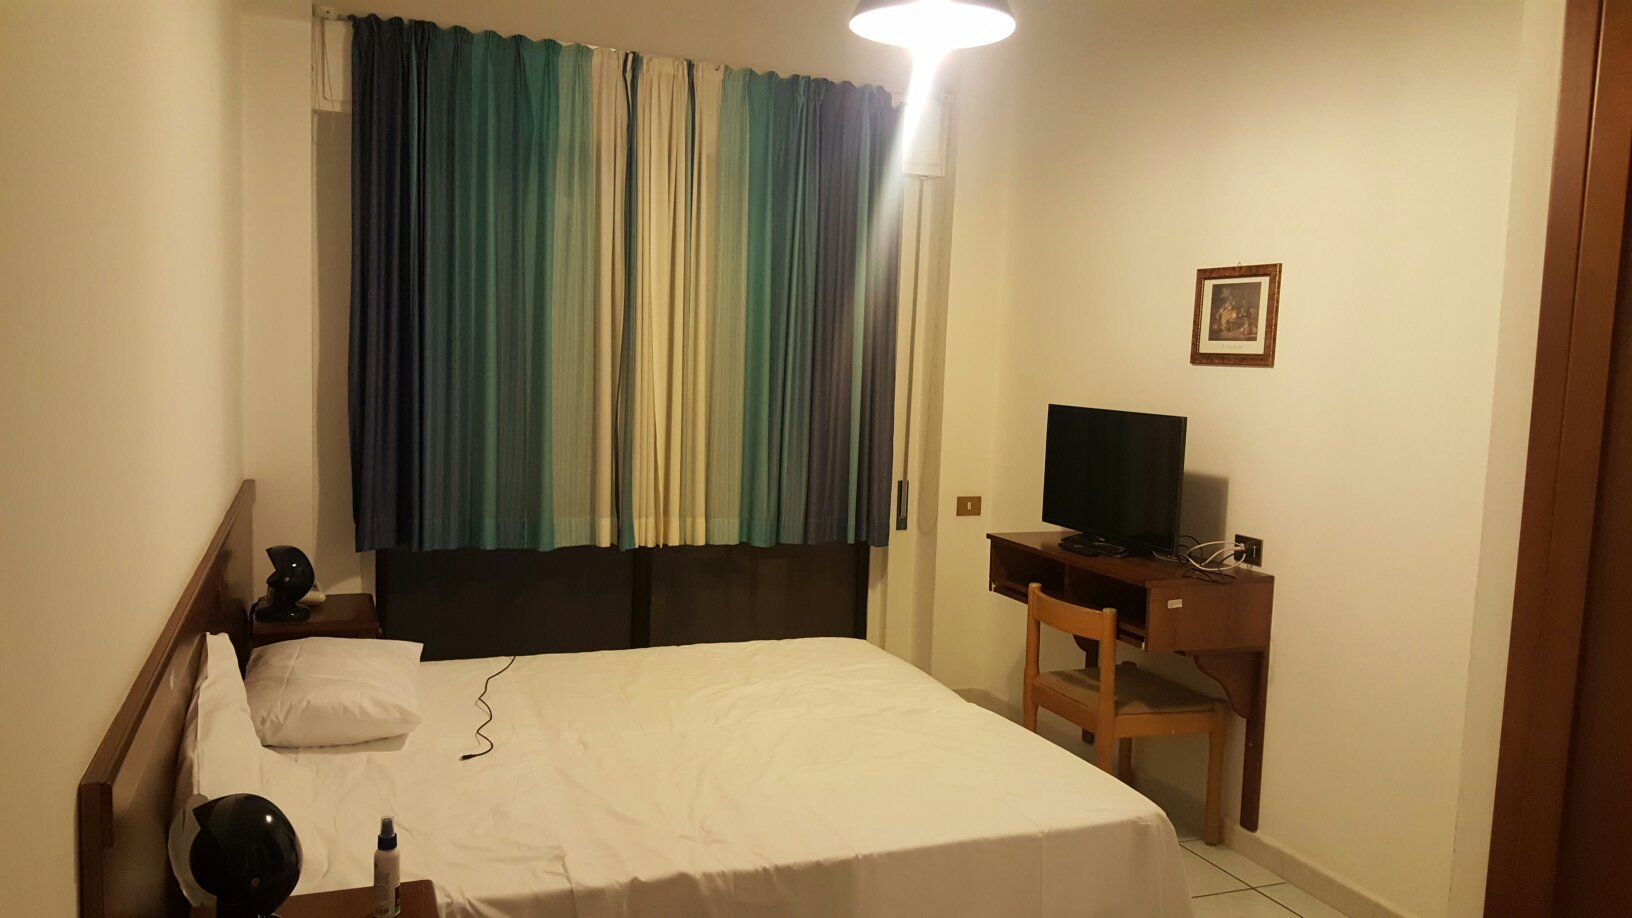 Hotel Nettuno Soverato